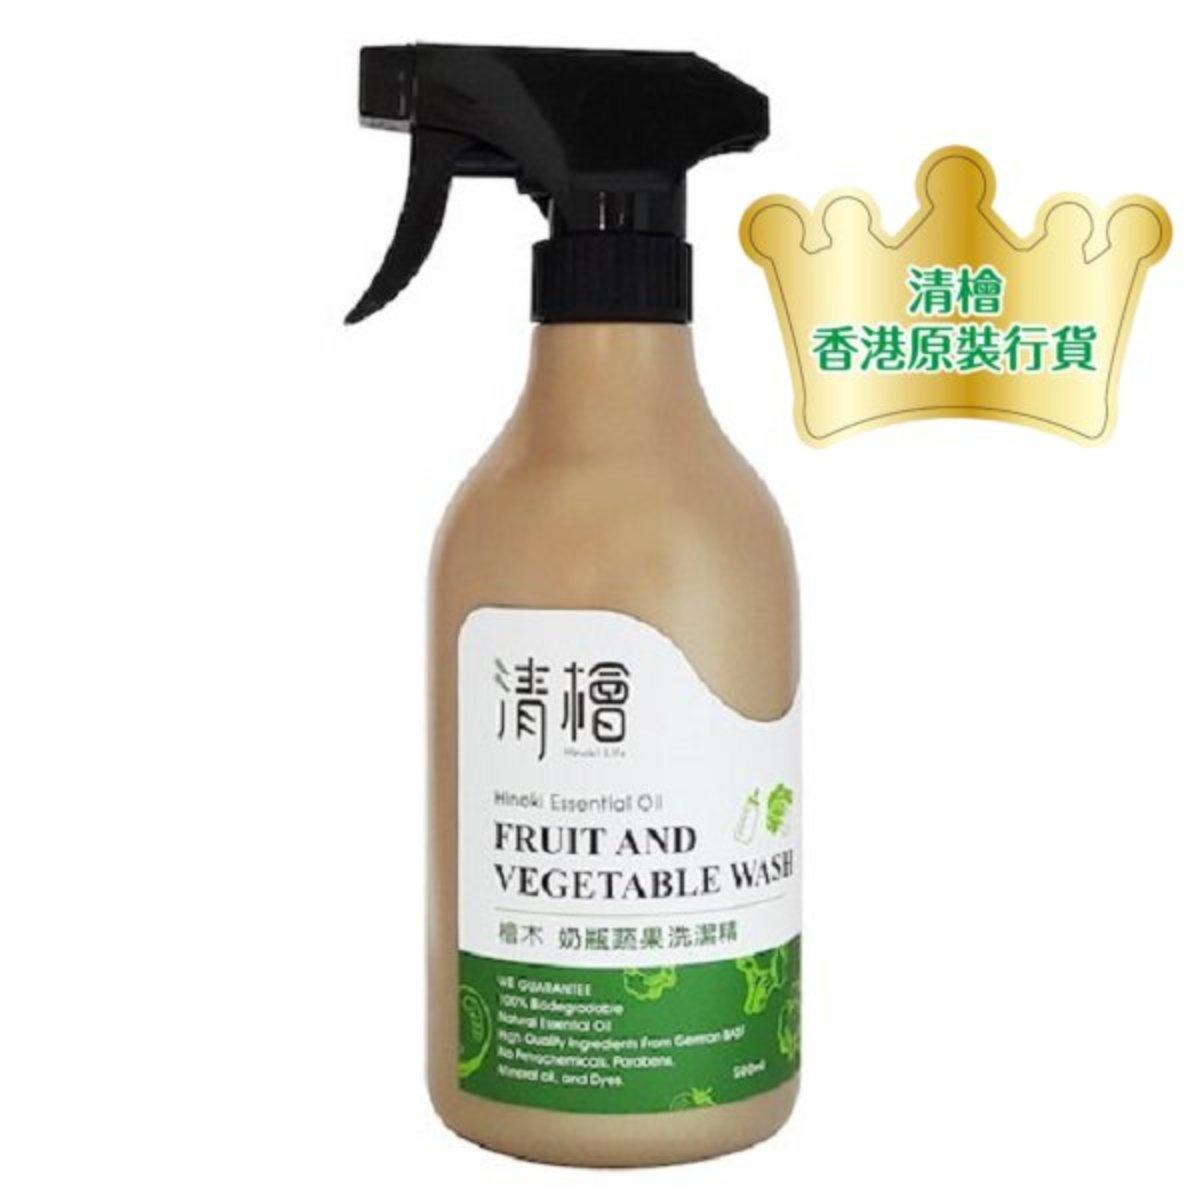 檜木蔬果洗潔精 500ML 天然除菌 SGS認證 [香港原裝行貨]